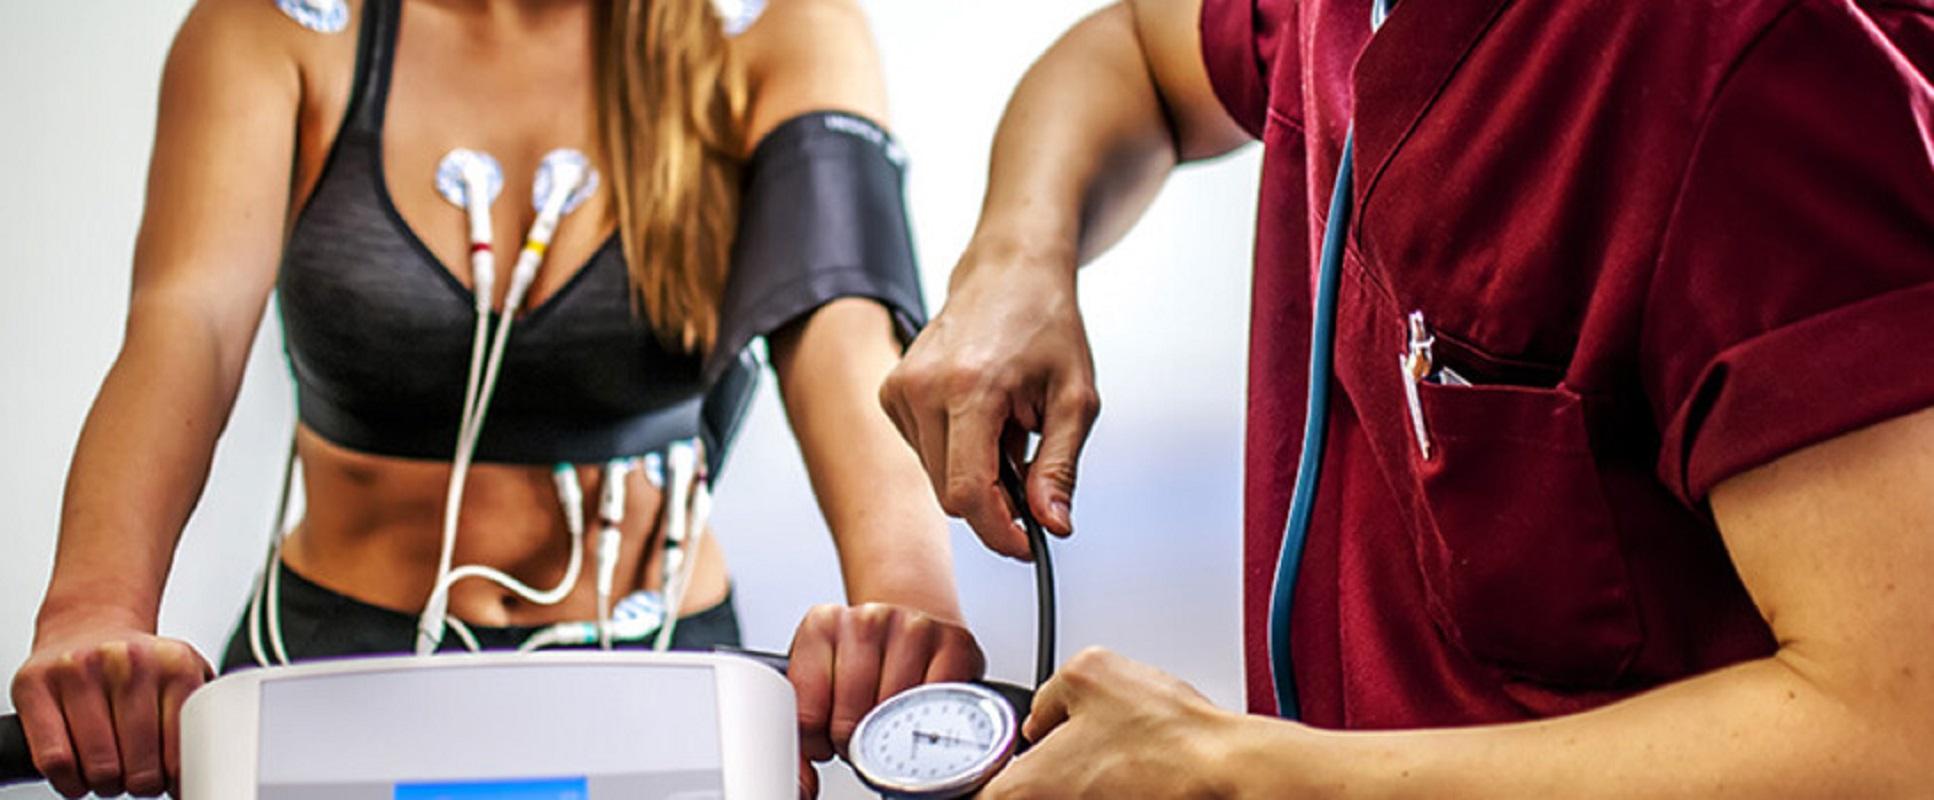 Primeiro programa de exercício clínico para hipertensos realiza-se no Axis Wellness em Viana